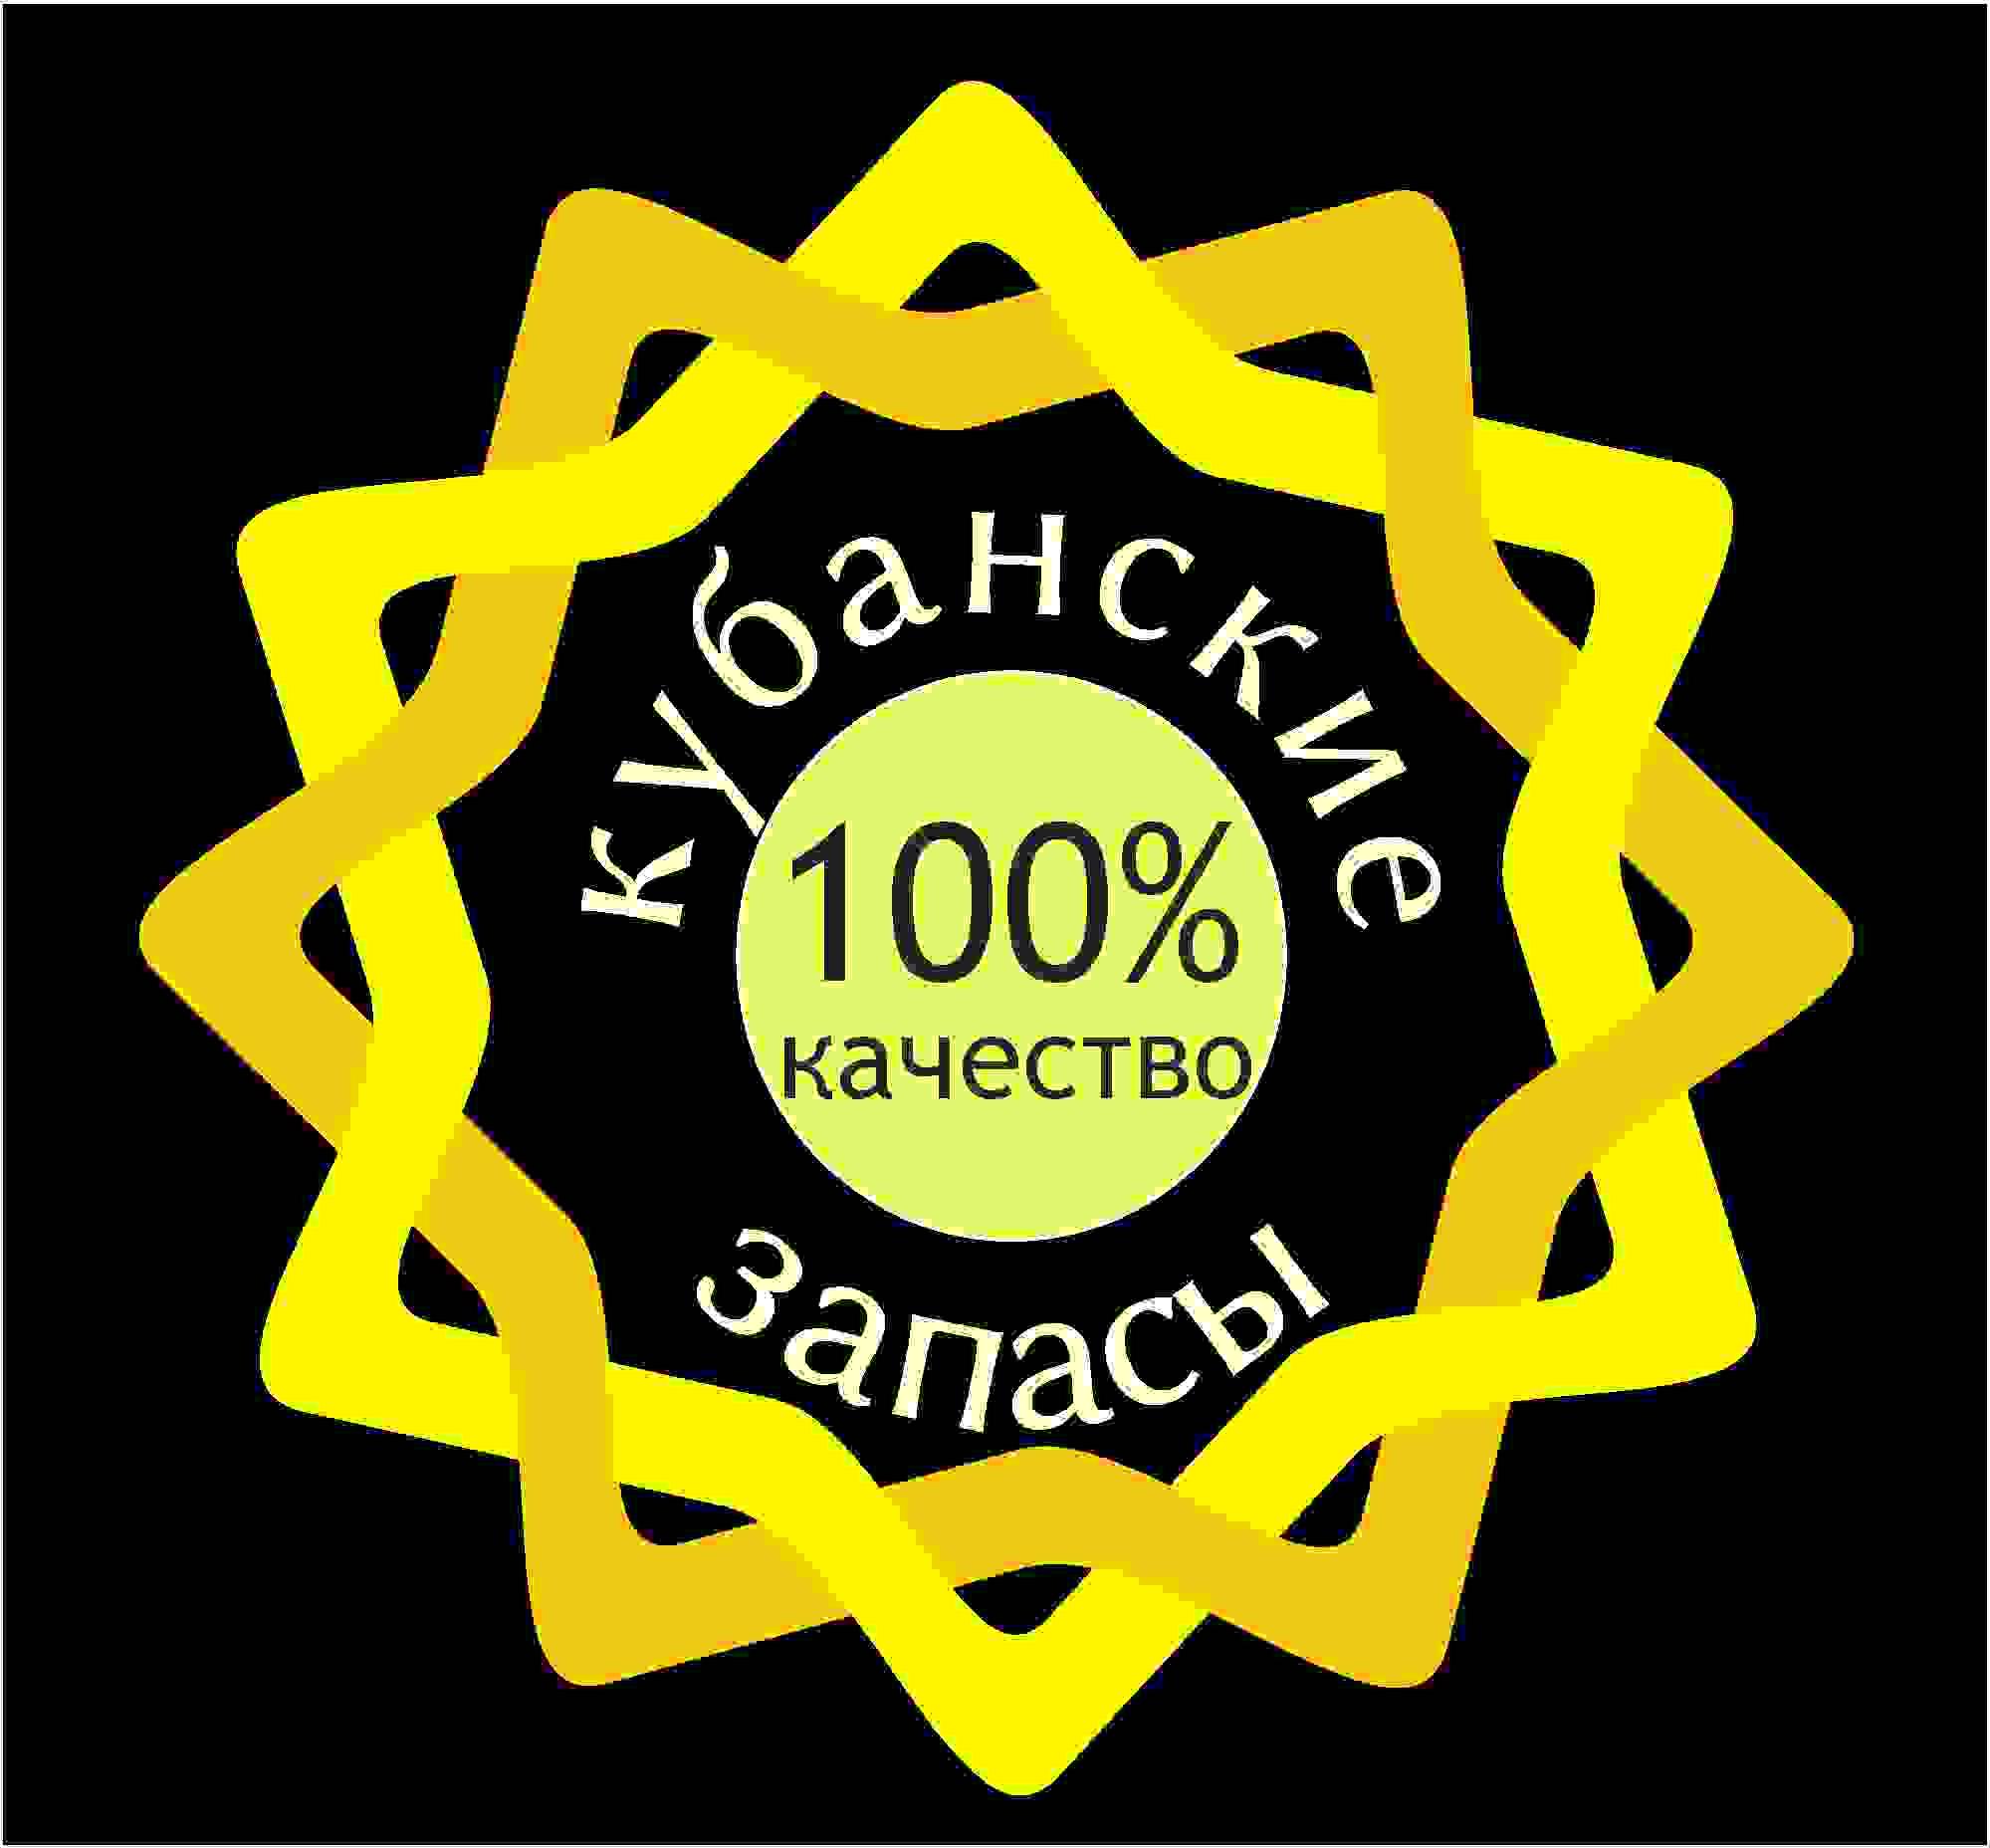 Логотип, фирменный стиль фото f_8355de6631420d48.jpg